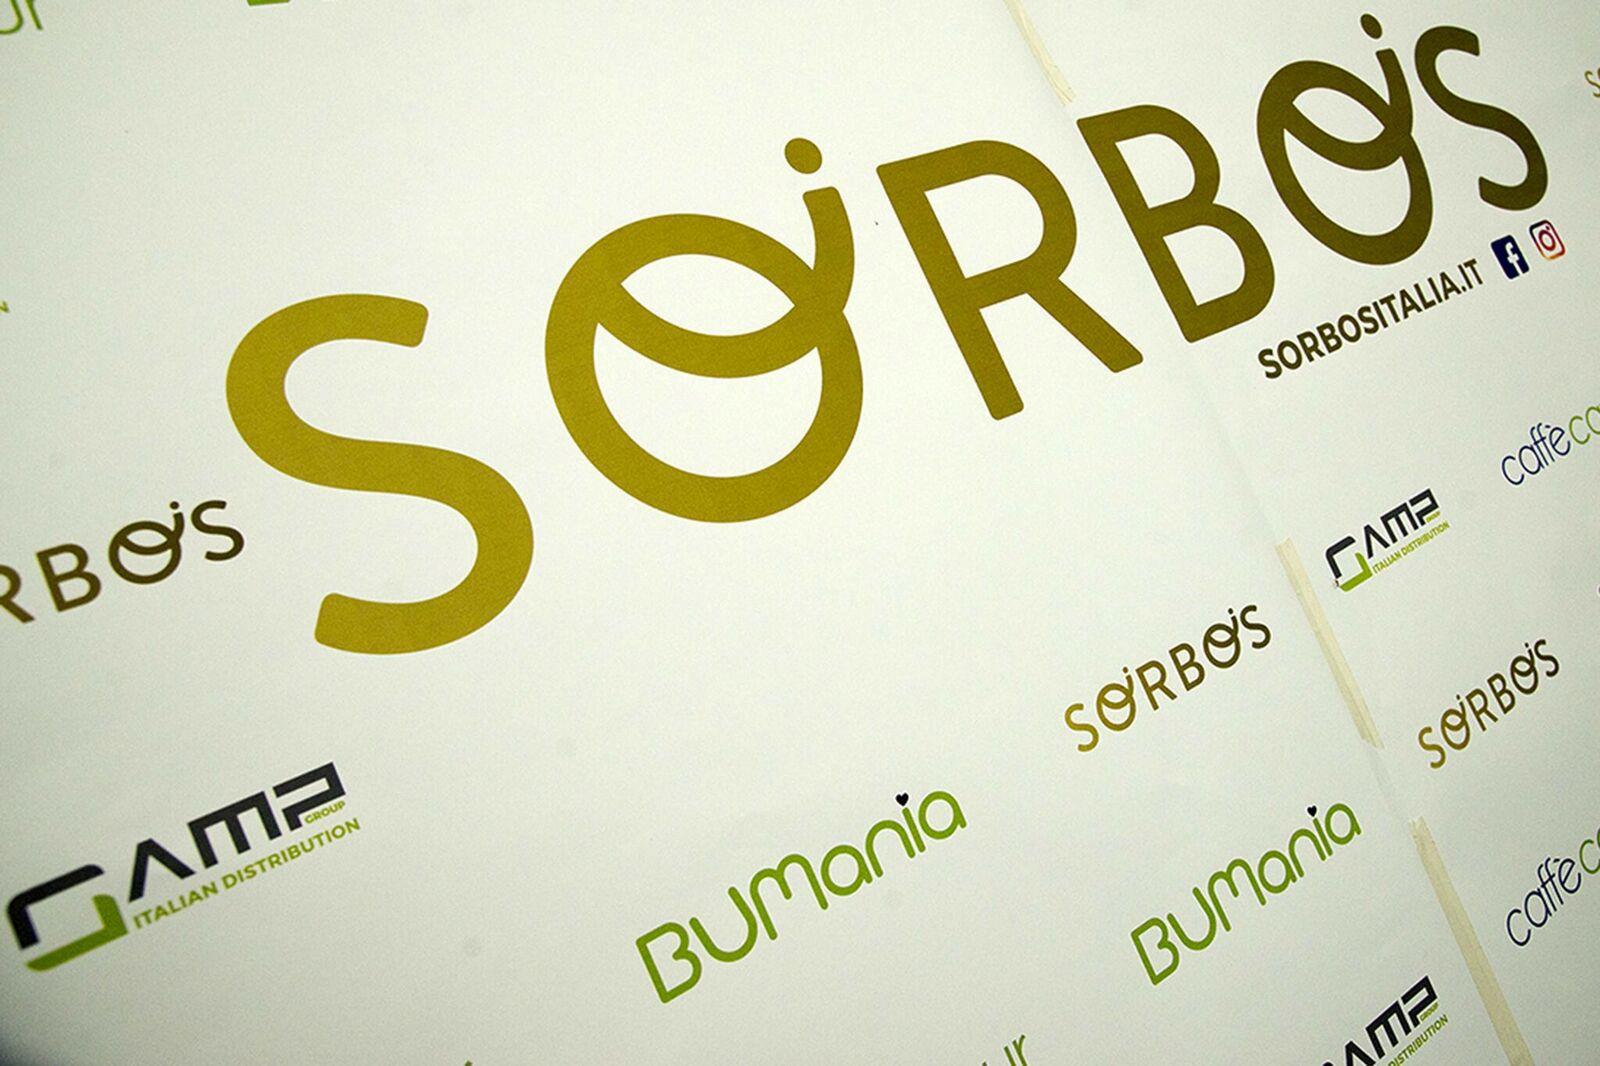 sorbos_001